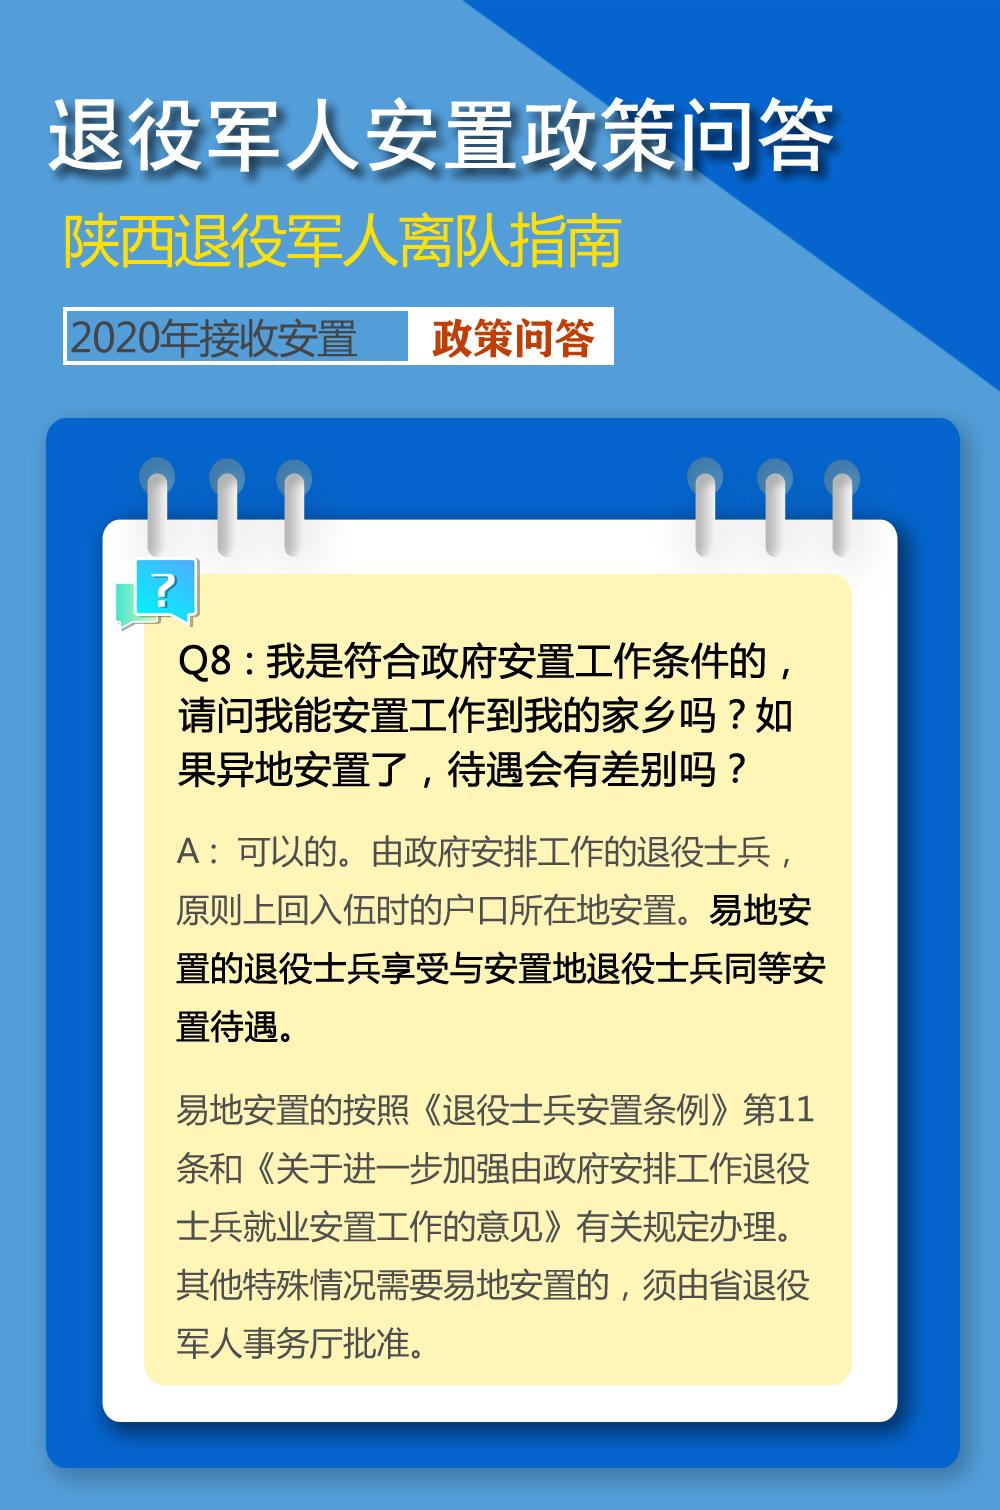 军事界   2020年陕西省退役军人安置问题,你关注的答案都在这里